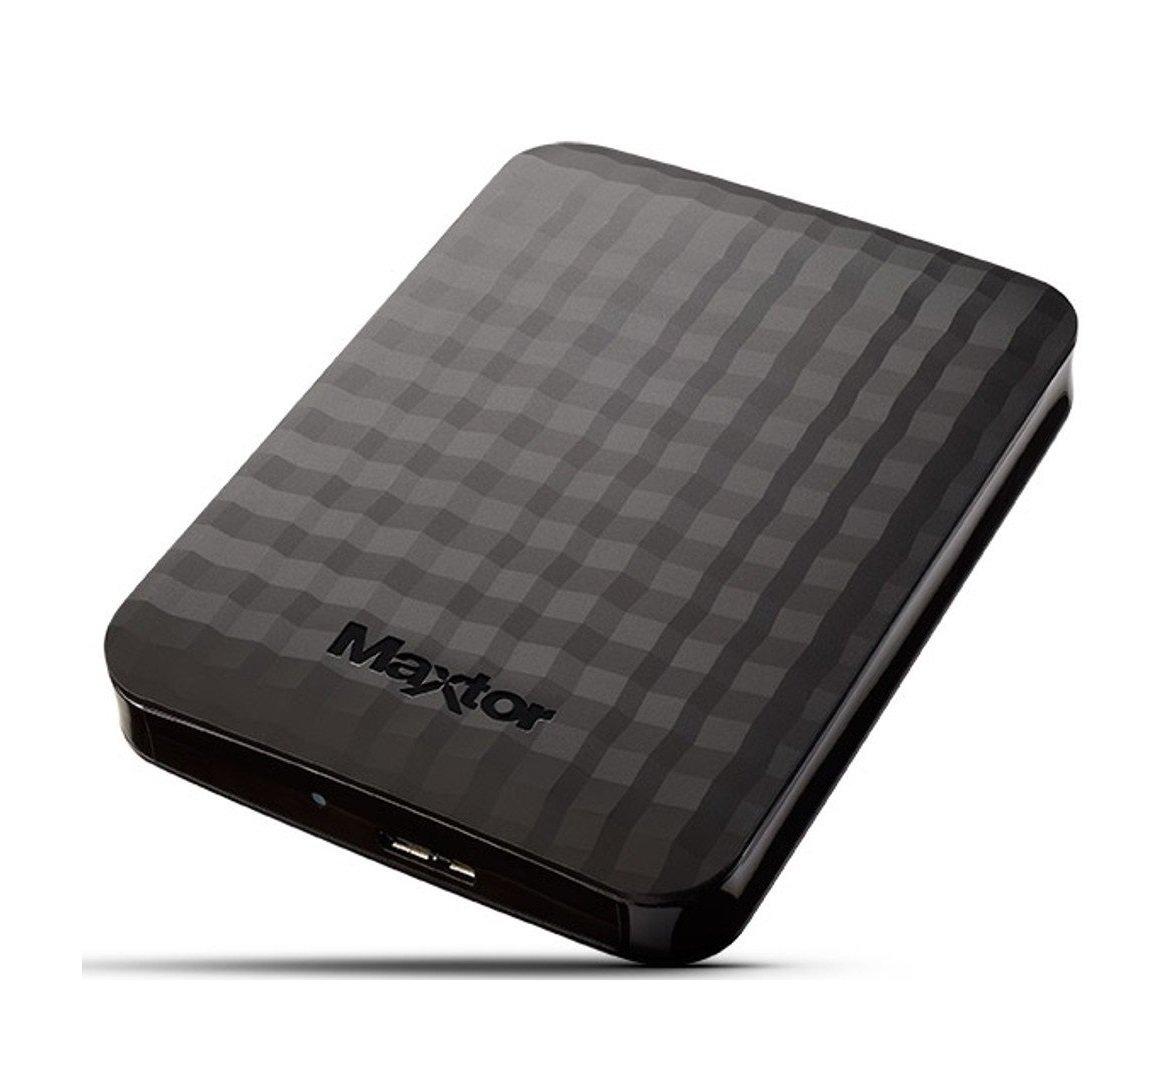 🔥 Bon plan : le disque dur externe Maxtor M3 2 TO est à 69 euros